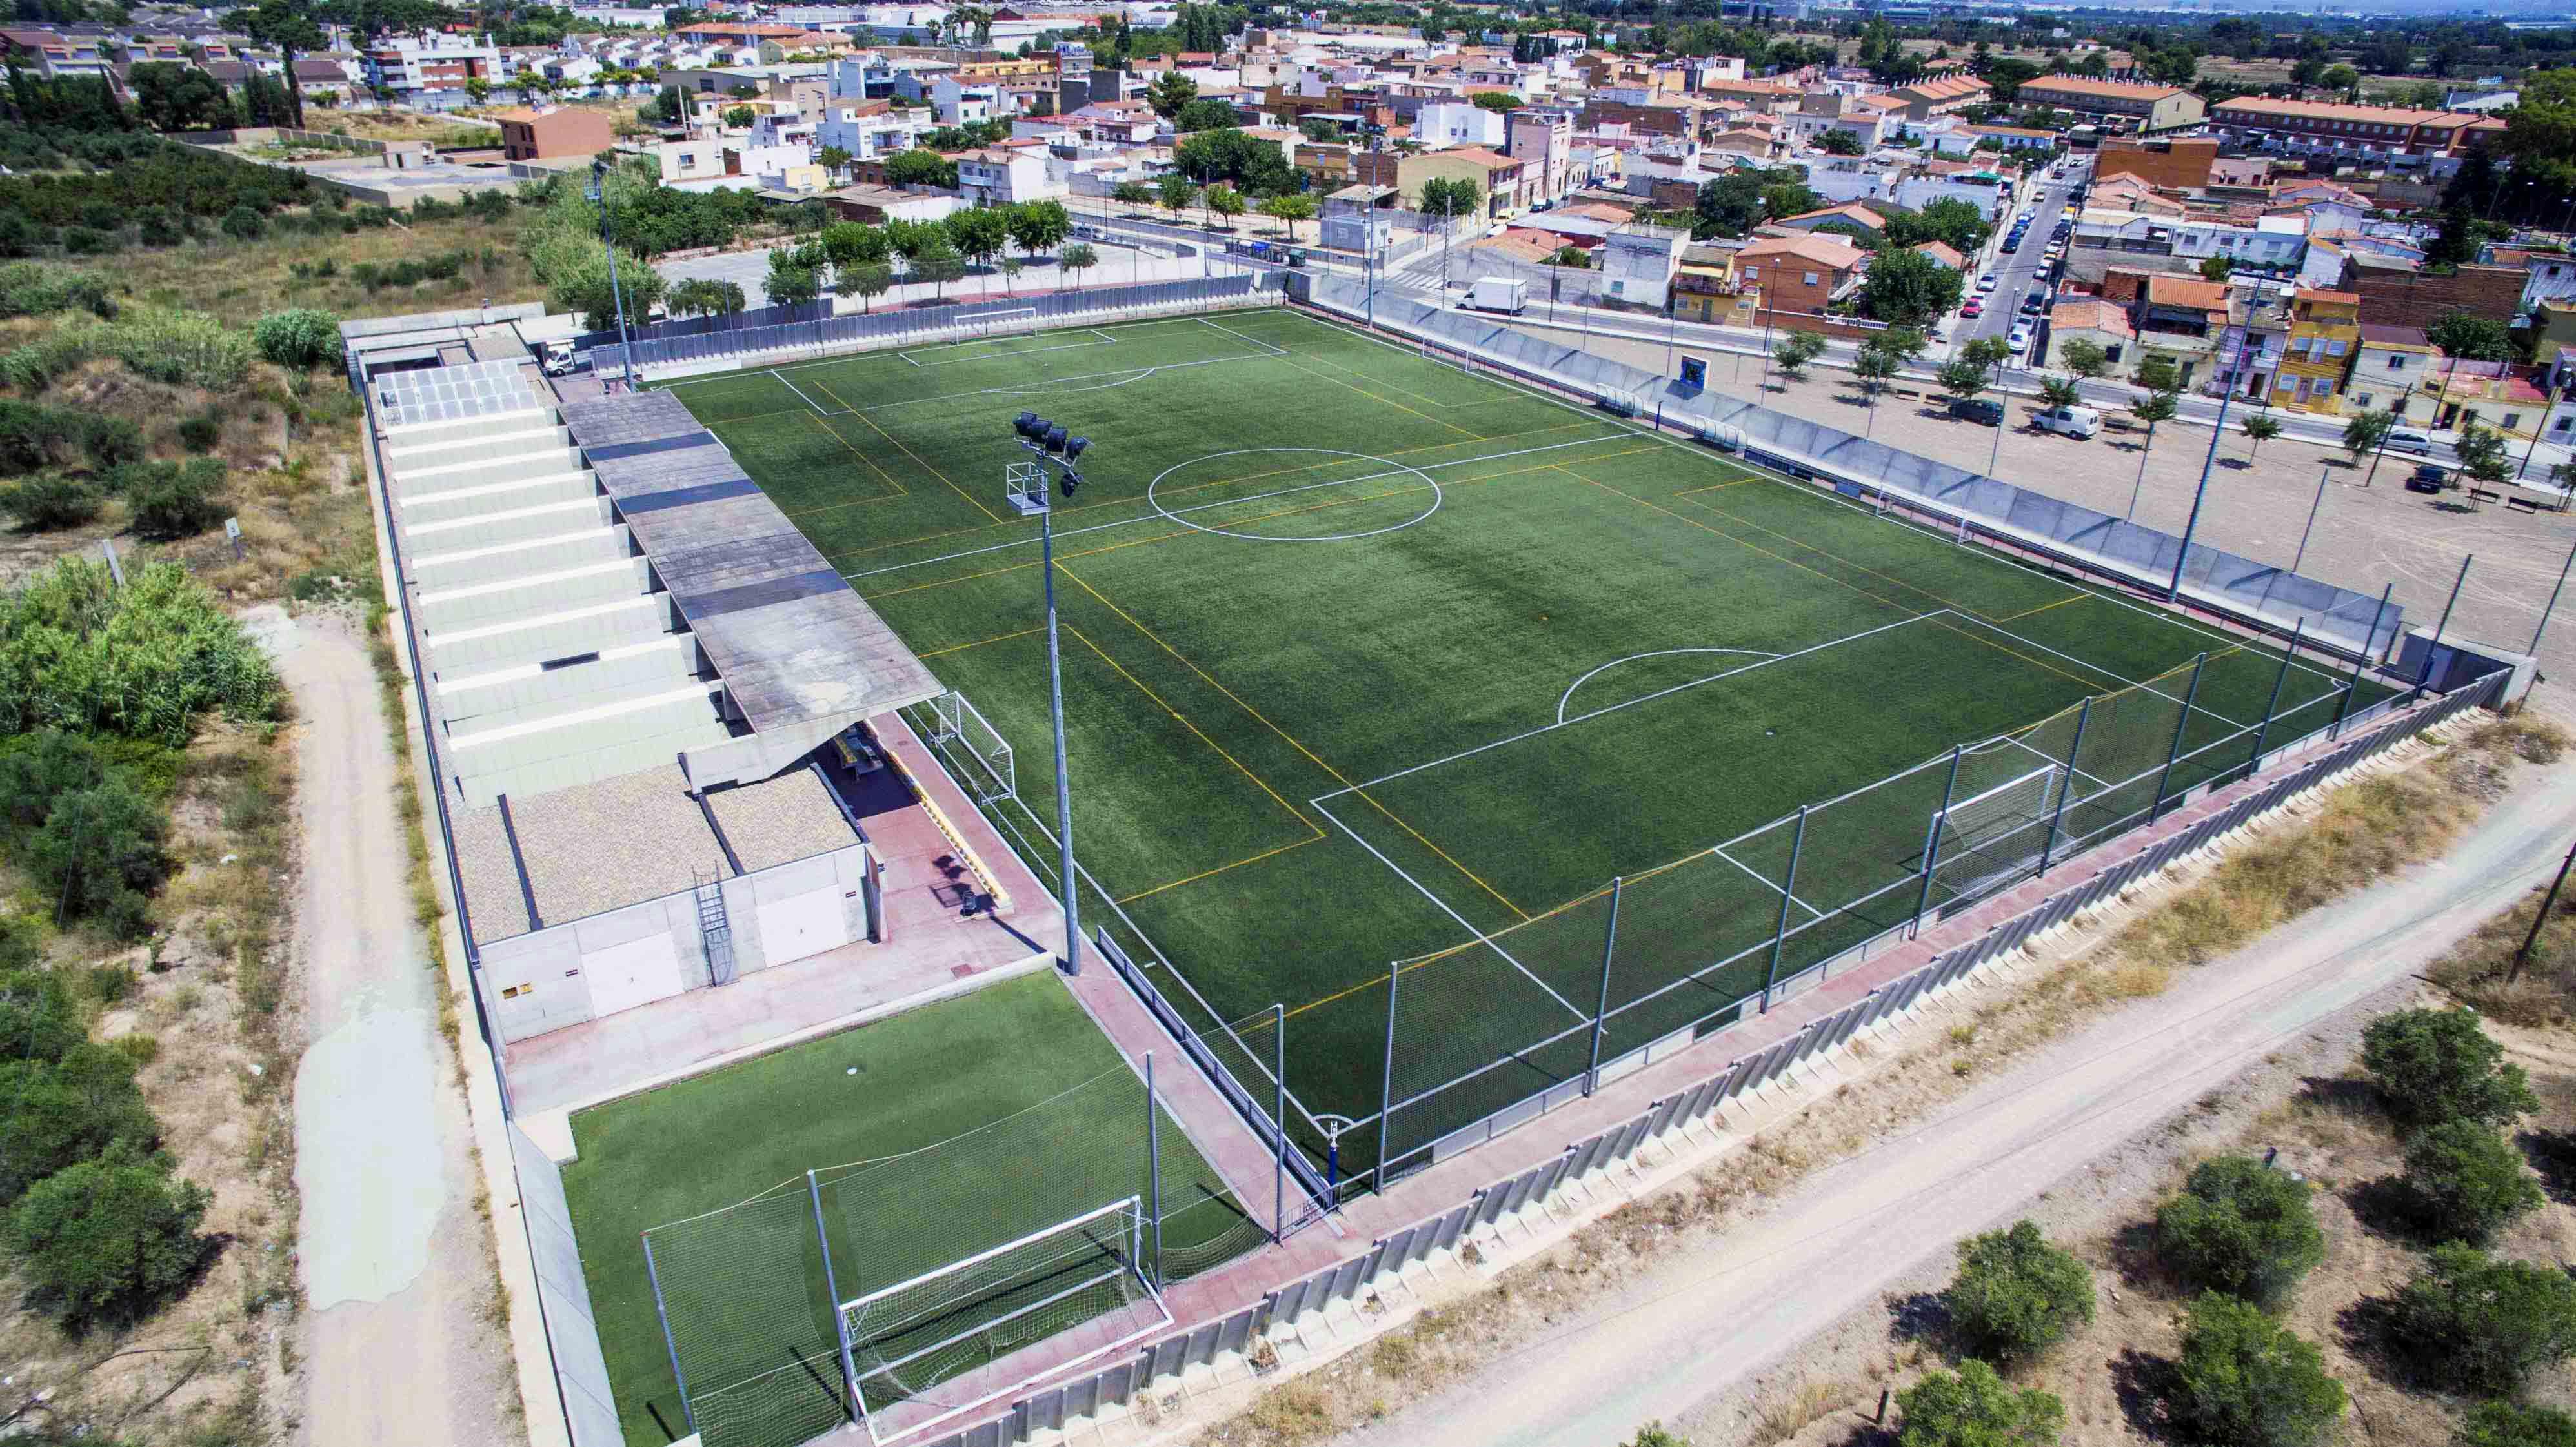 El campo de fútbol La Pastoreta ya cuenta con nuevas instalaciones